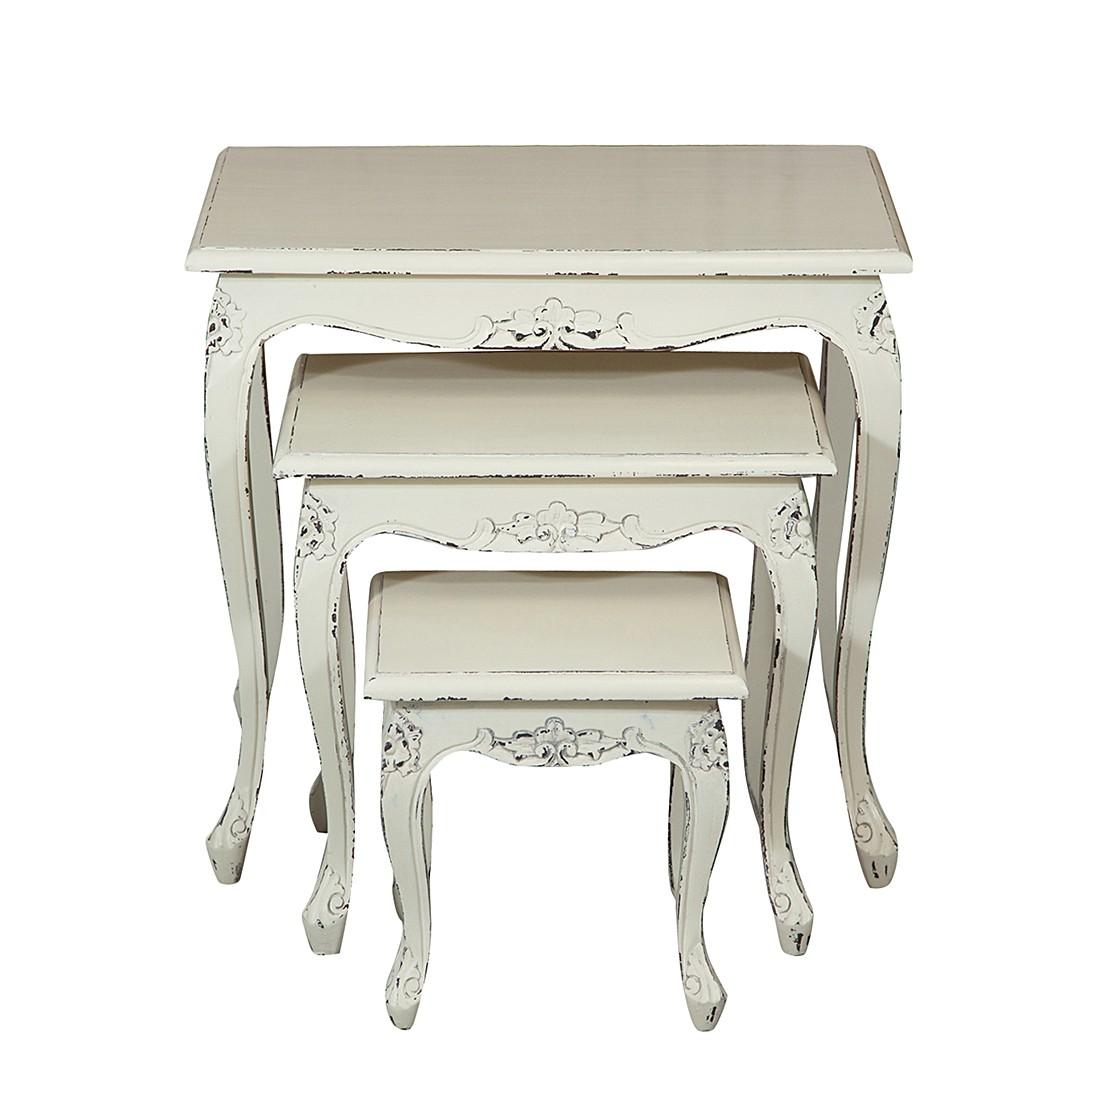 beistelltische 3119 angebote auf find. Black Bedroom Furniture Sets. Home Design Ideas